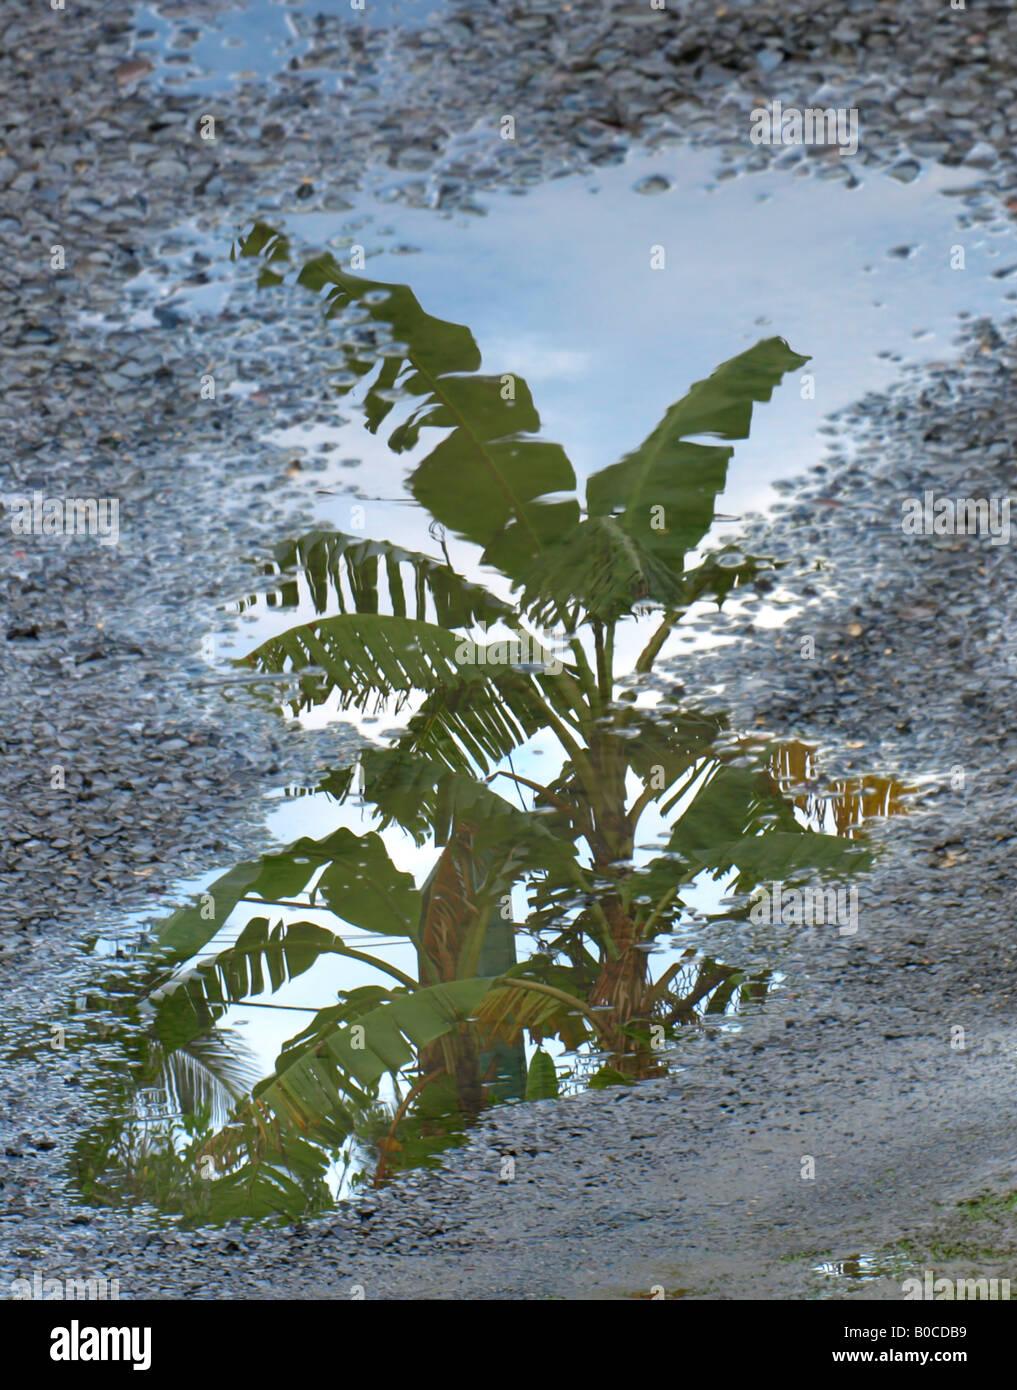 banana tree reflexion - Stock Image